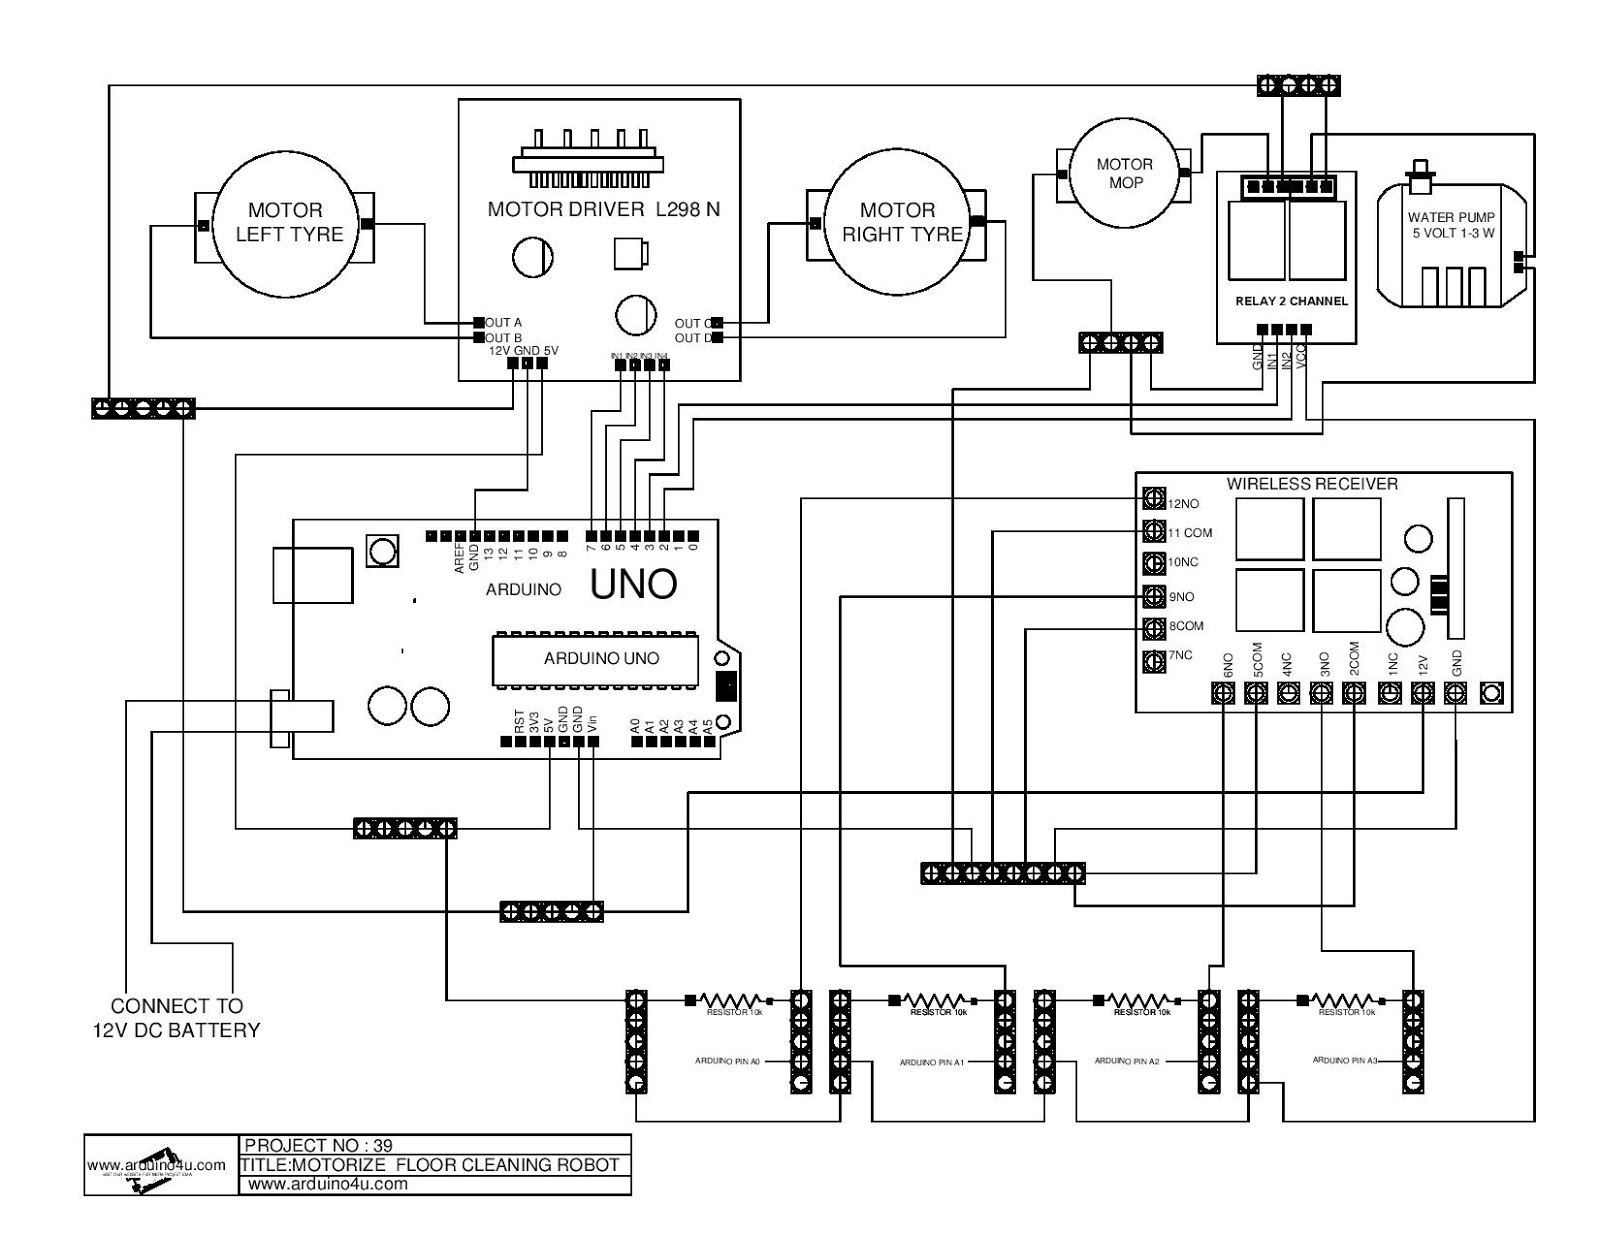 klik disini untuk download schematic diagram yg jelas utk print [ 1600 x 1236 Pixel ]